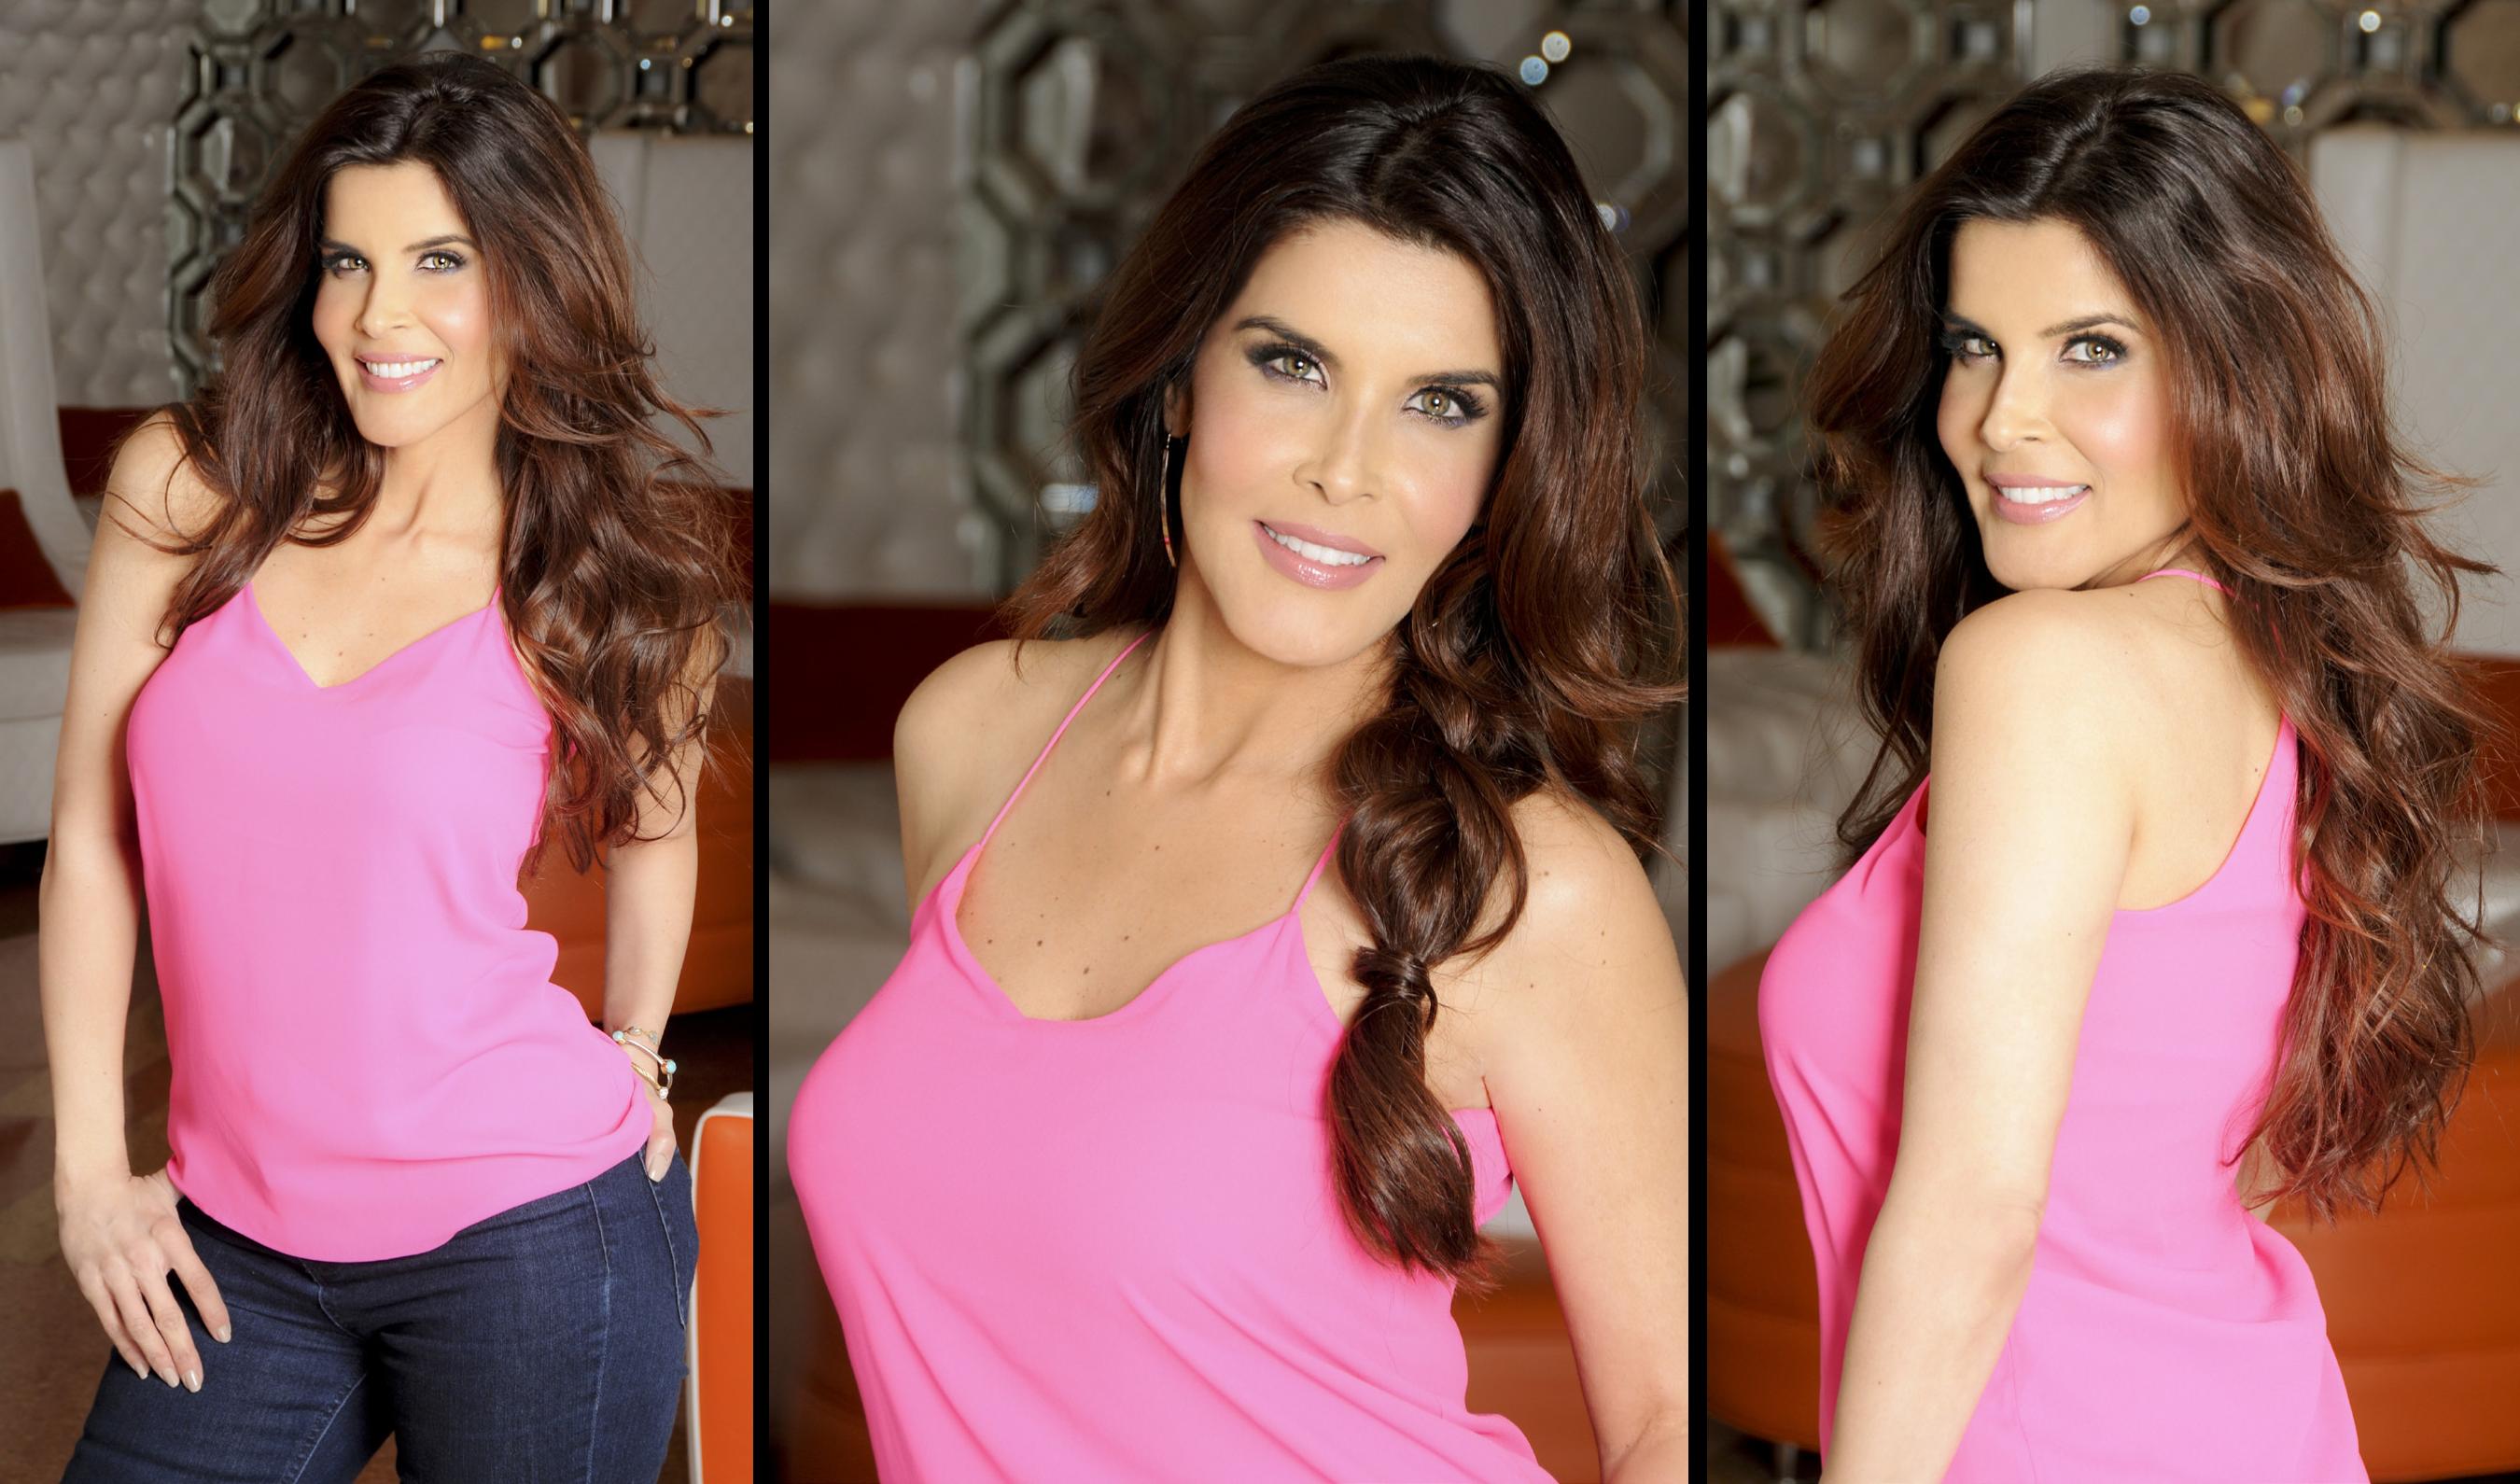 Adriana Catano Adriana Catano new images